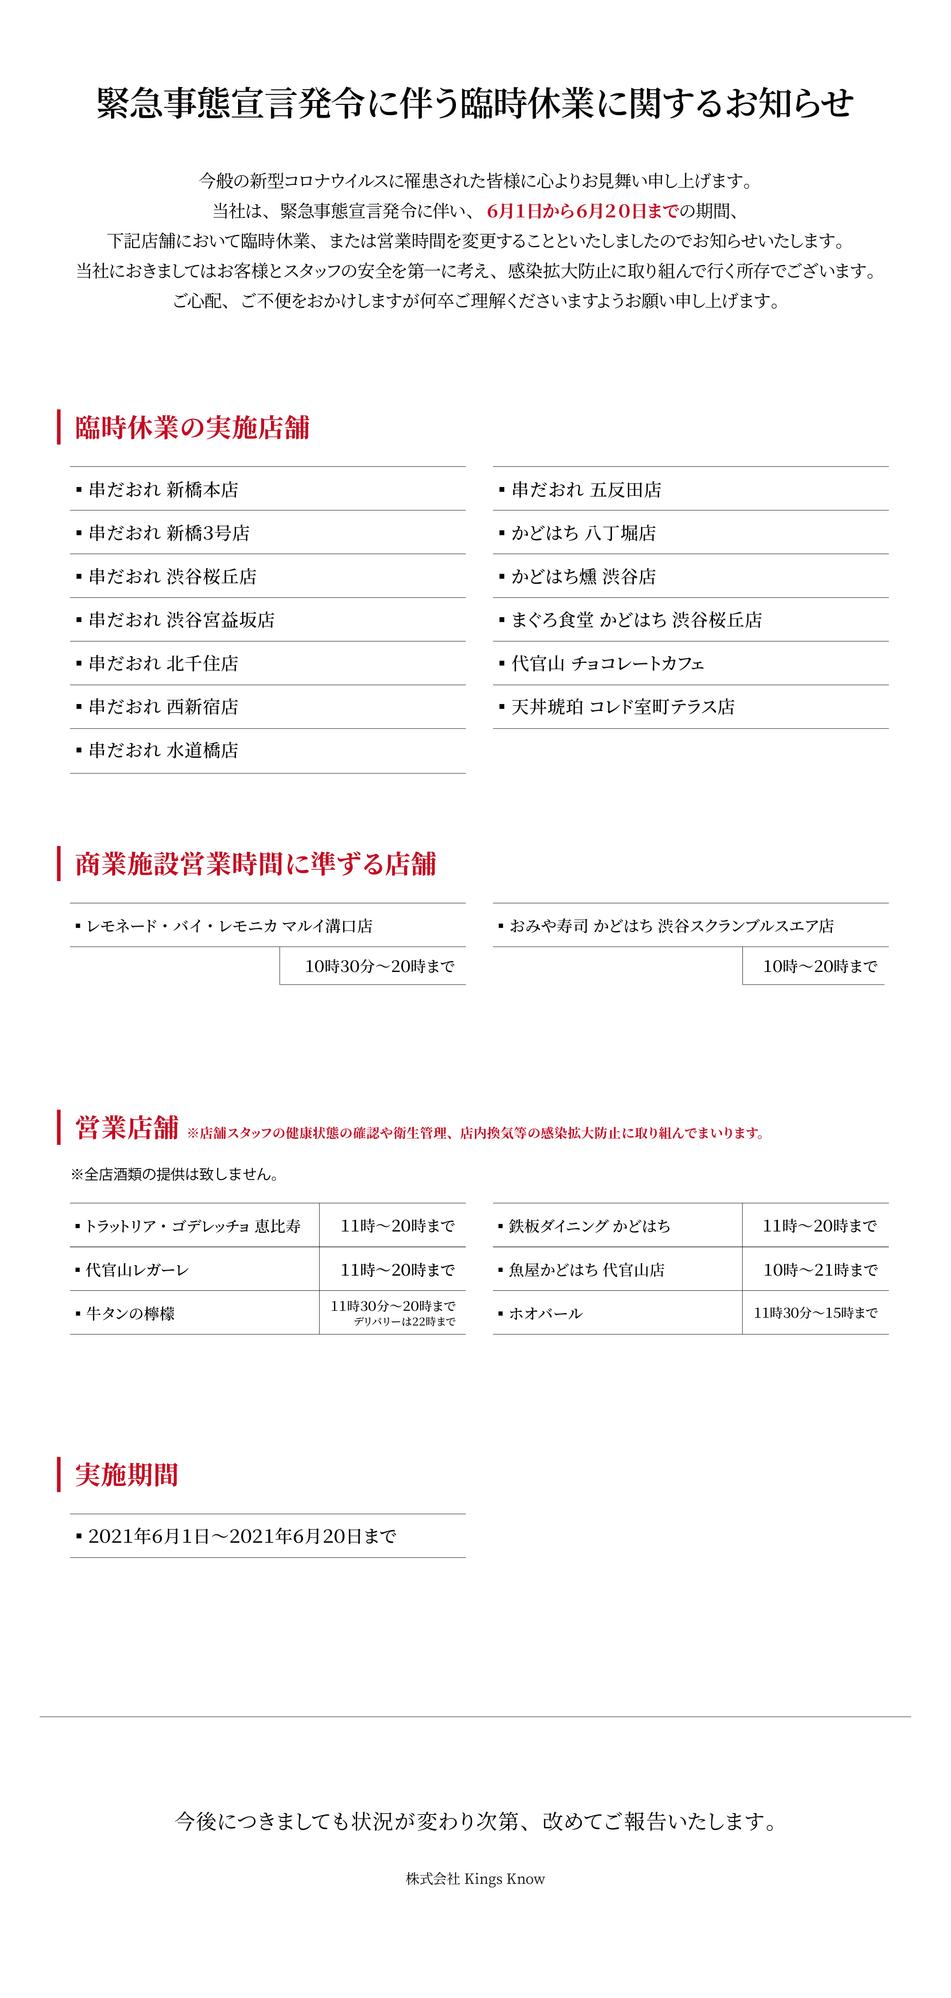 【営業に関するお知らせ】2021-601-620_アートボード 1.png